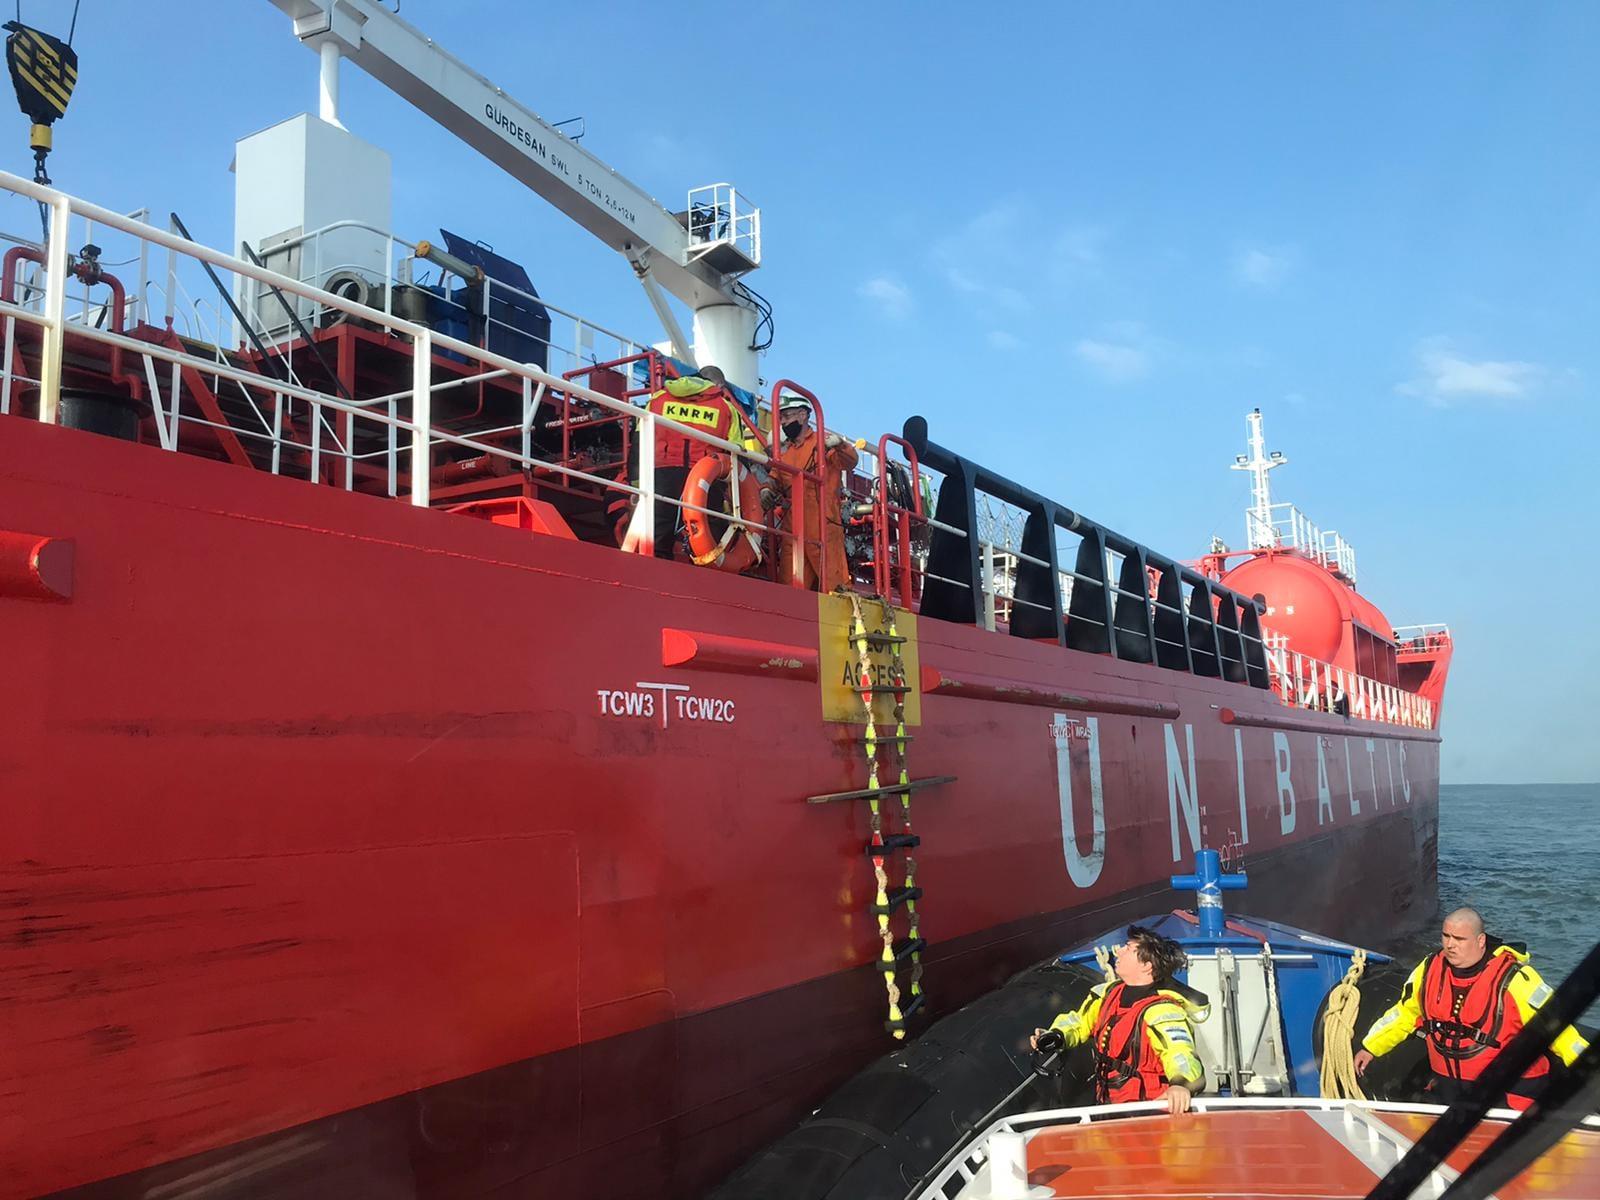 De Zeemanshoop langszij de tanker om een patiënt aan boord te nemen (Foto KNRM)